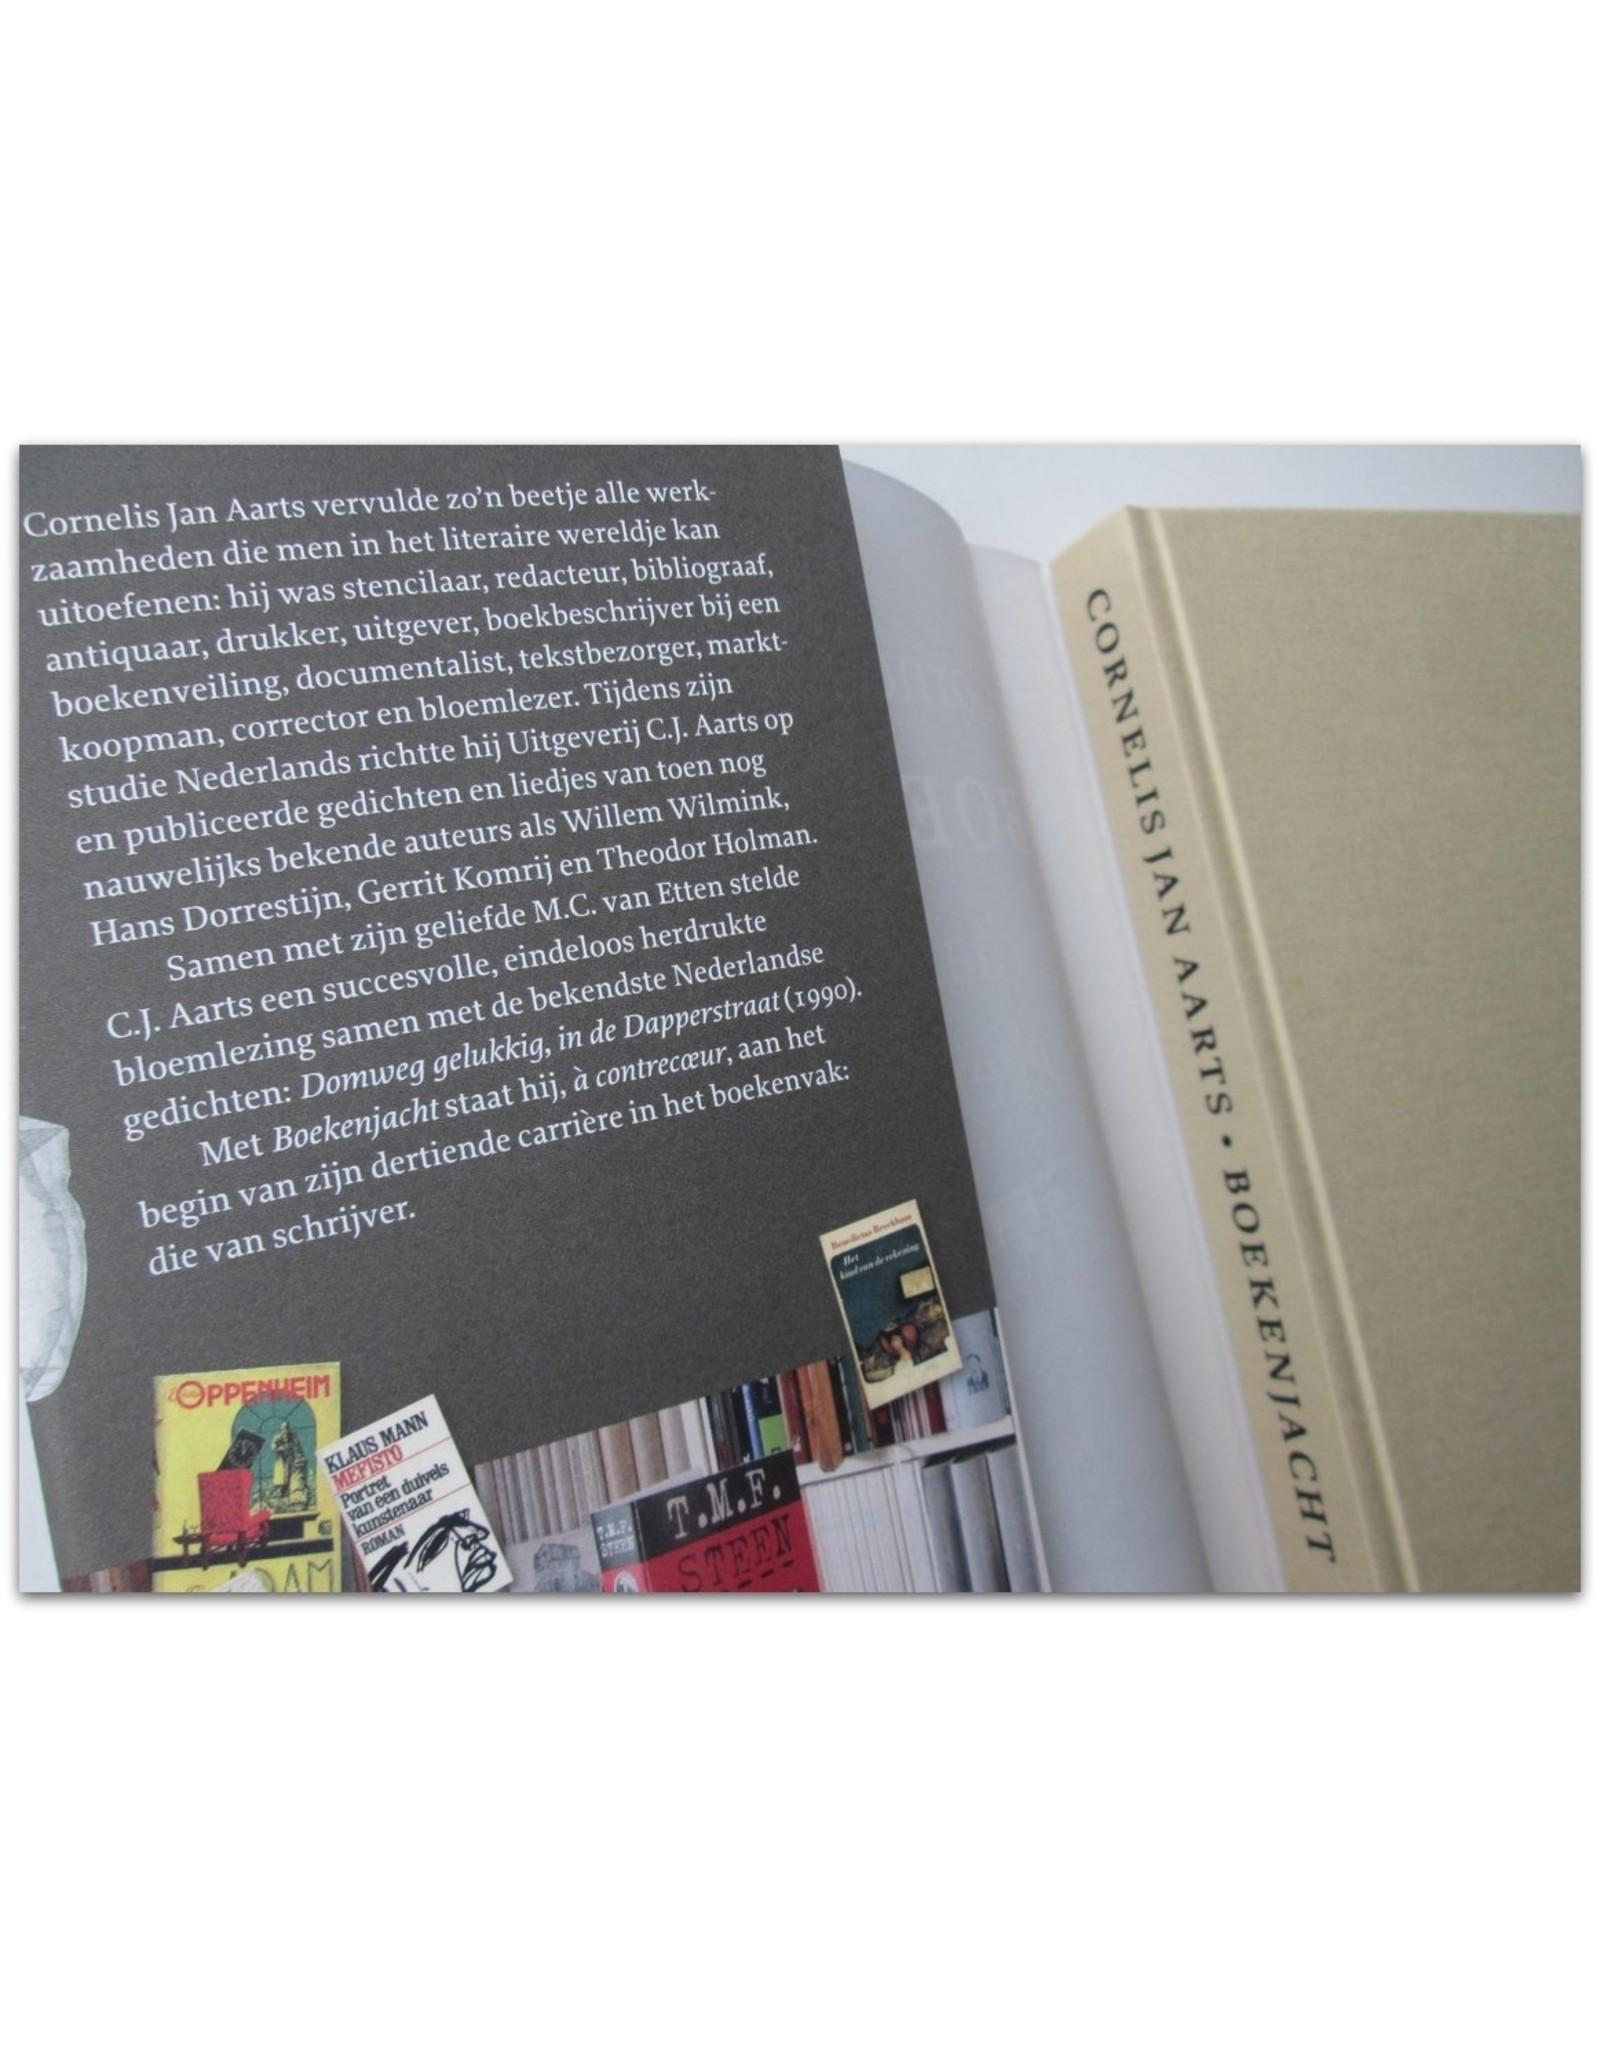 Cornelis Jan Aarts - Boekenjacht. Verhalen uit de boekenwereld